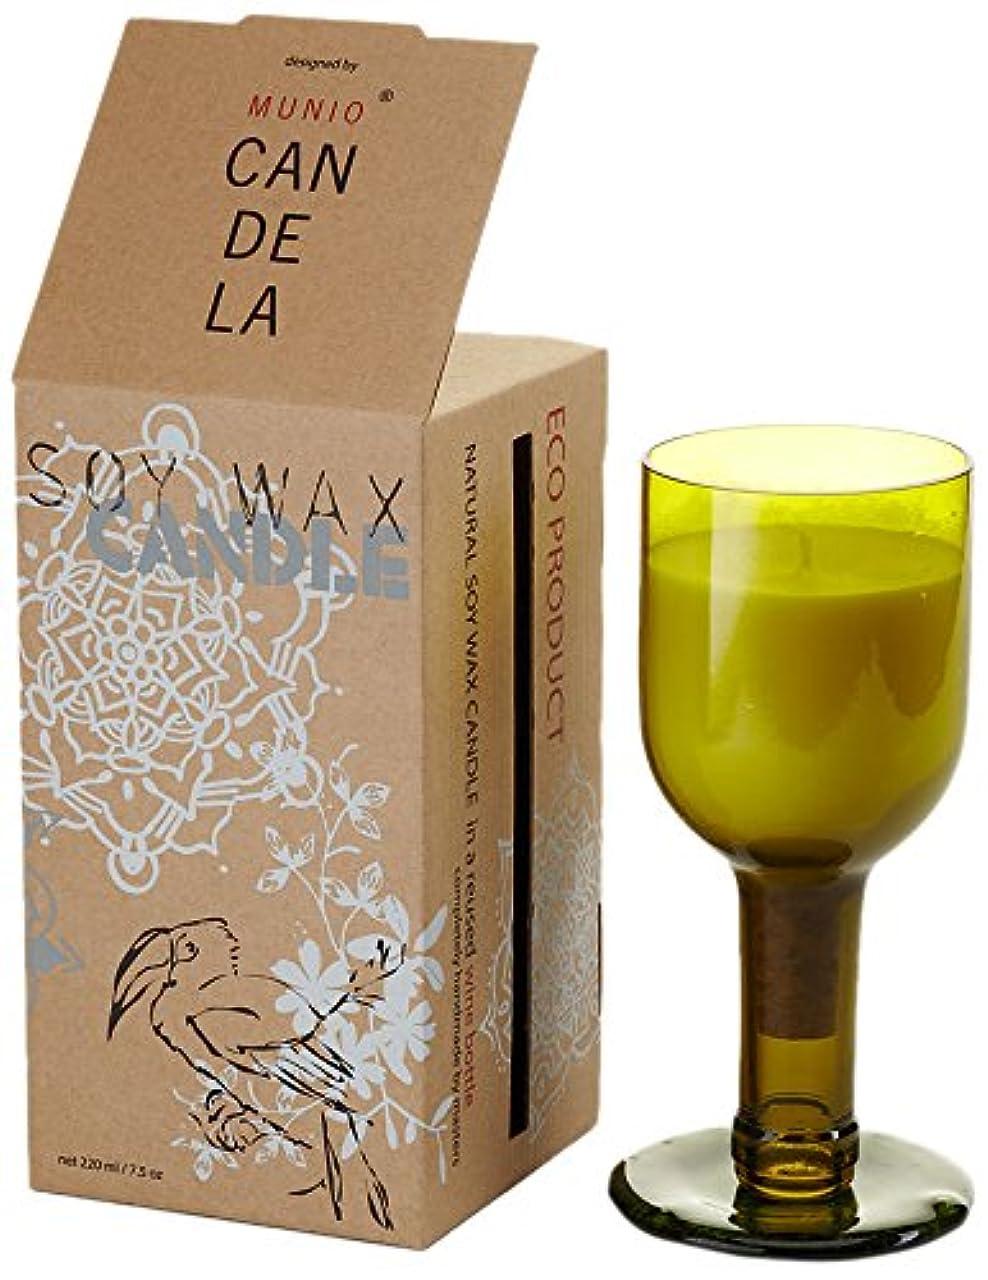 鉛筆パン海洋ソイワックス リユーズド ネック ワインボトル キャンドル ローズガーデン